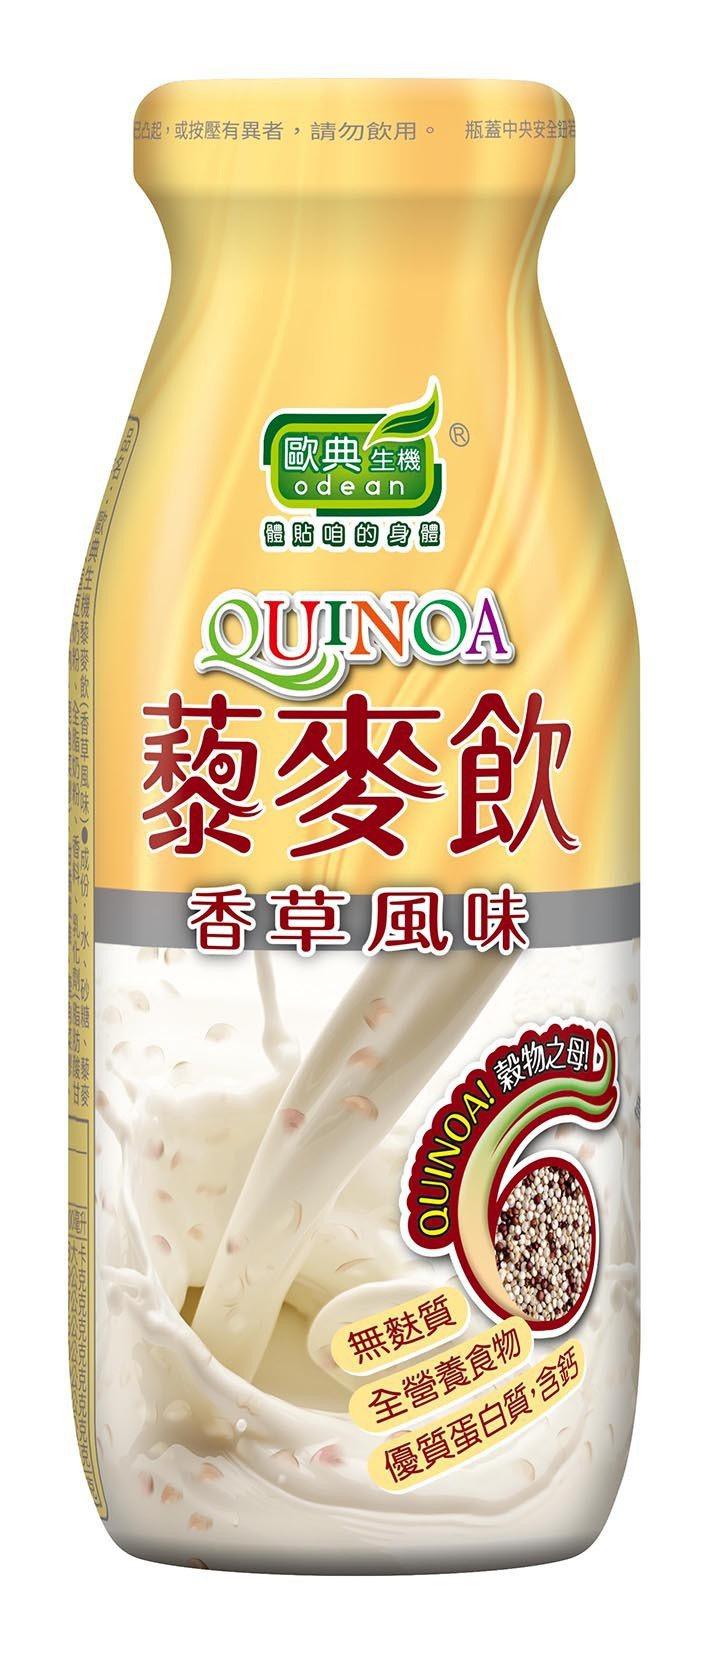 歐典生技藜麥飲。 歐典生技/提供